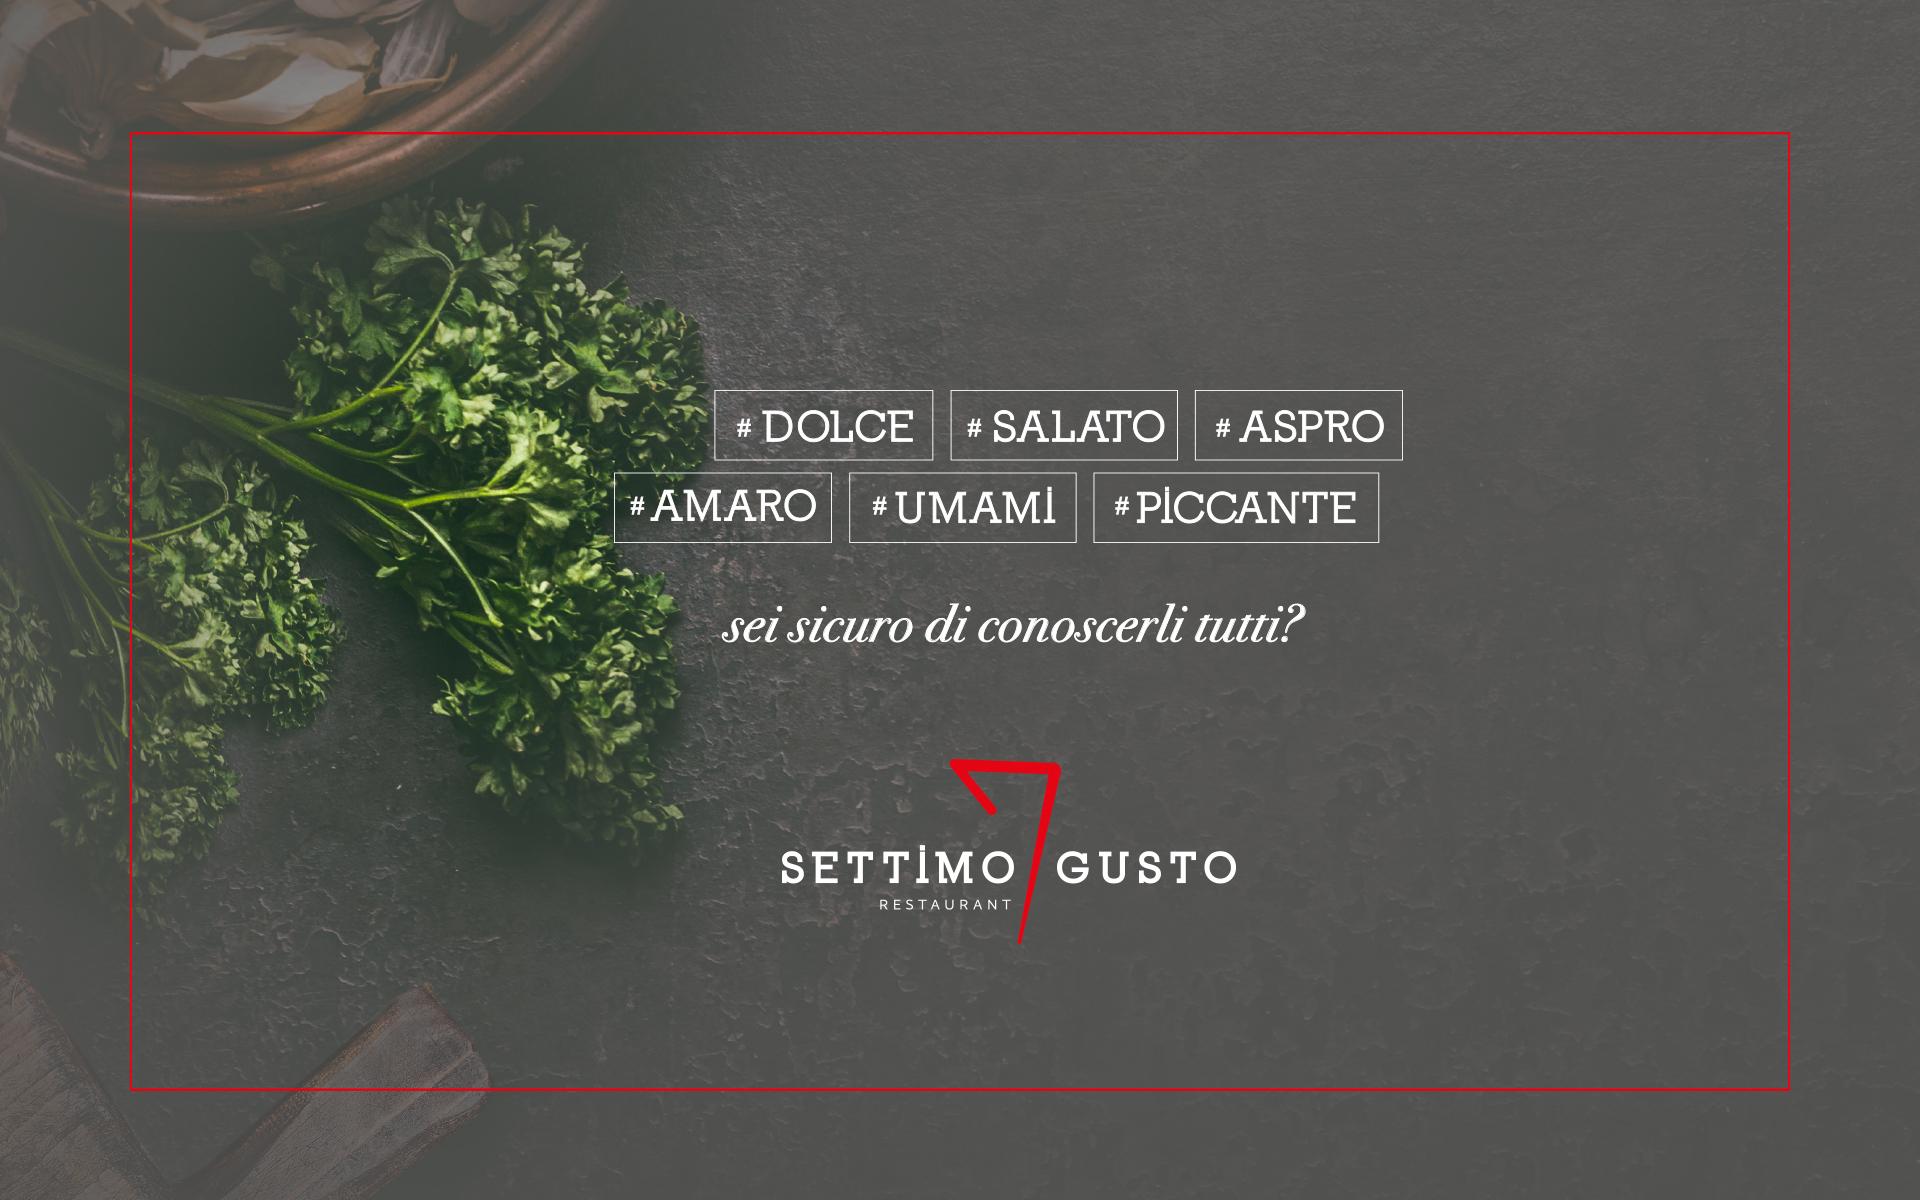 Settimo gusto ristorante italiano